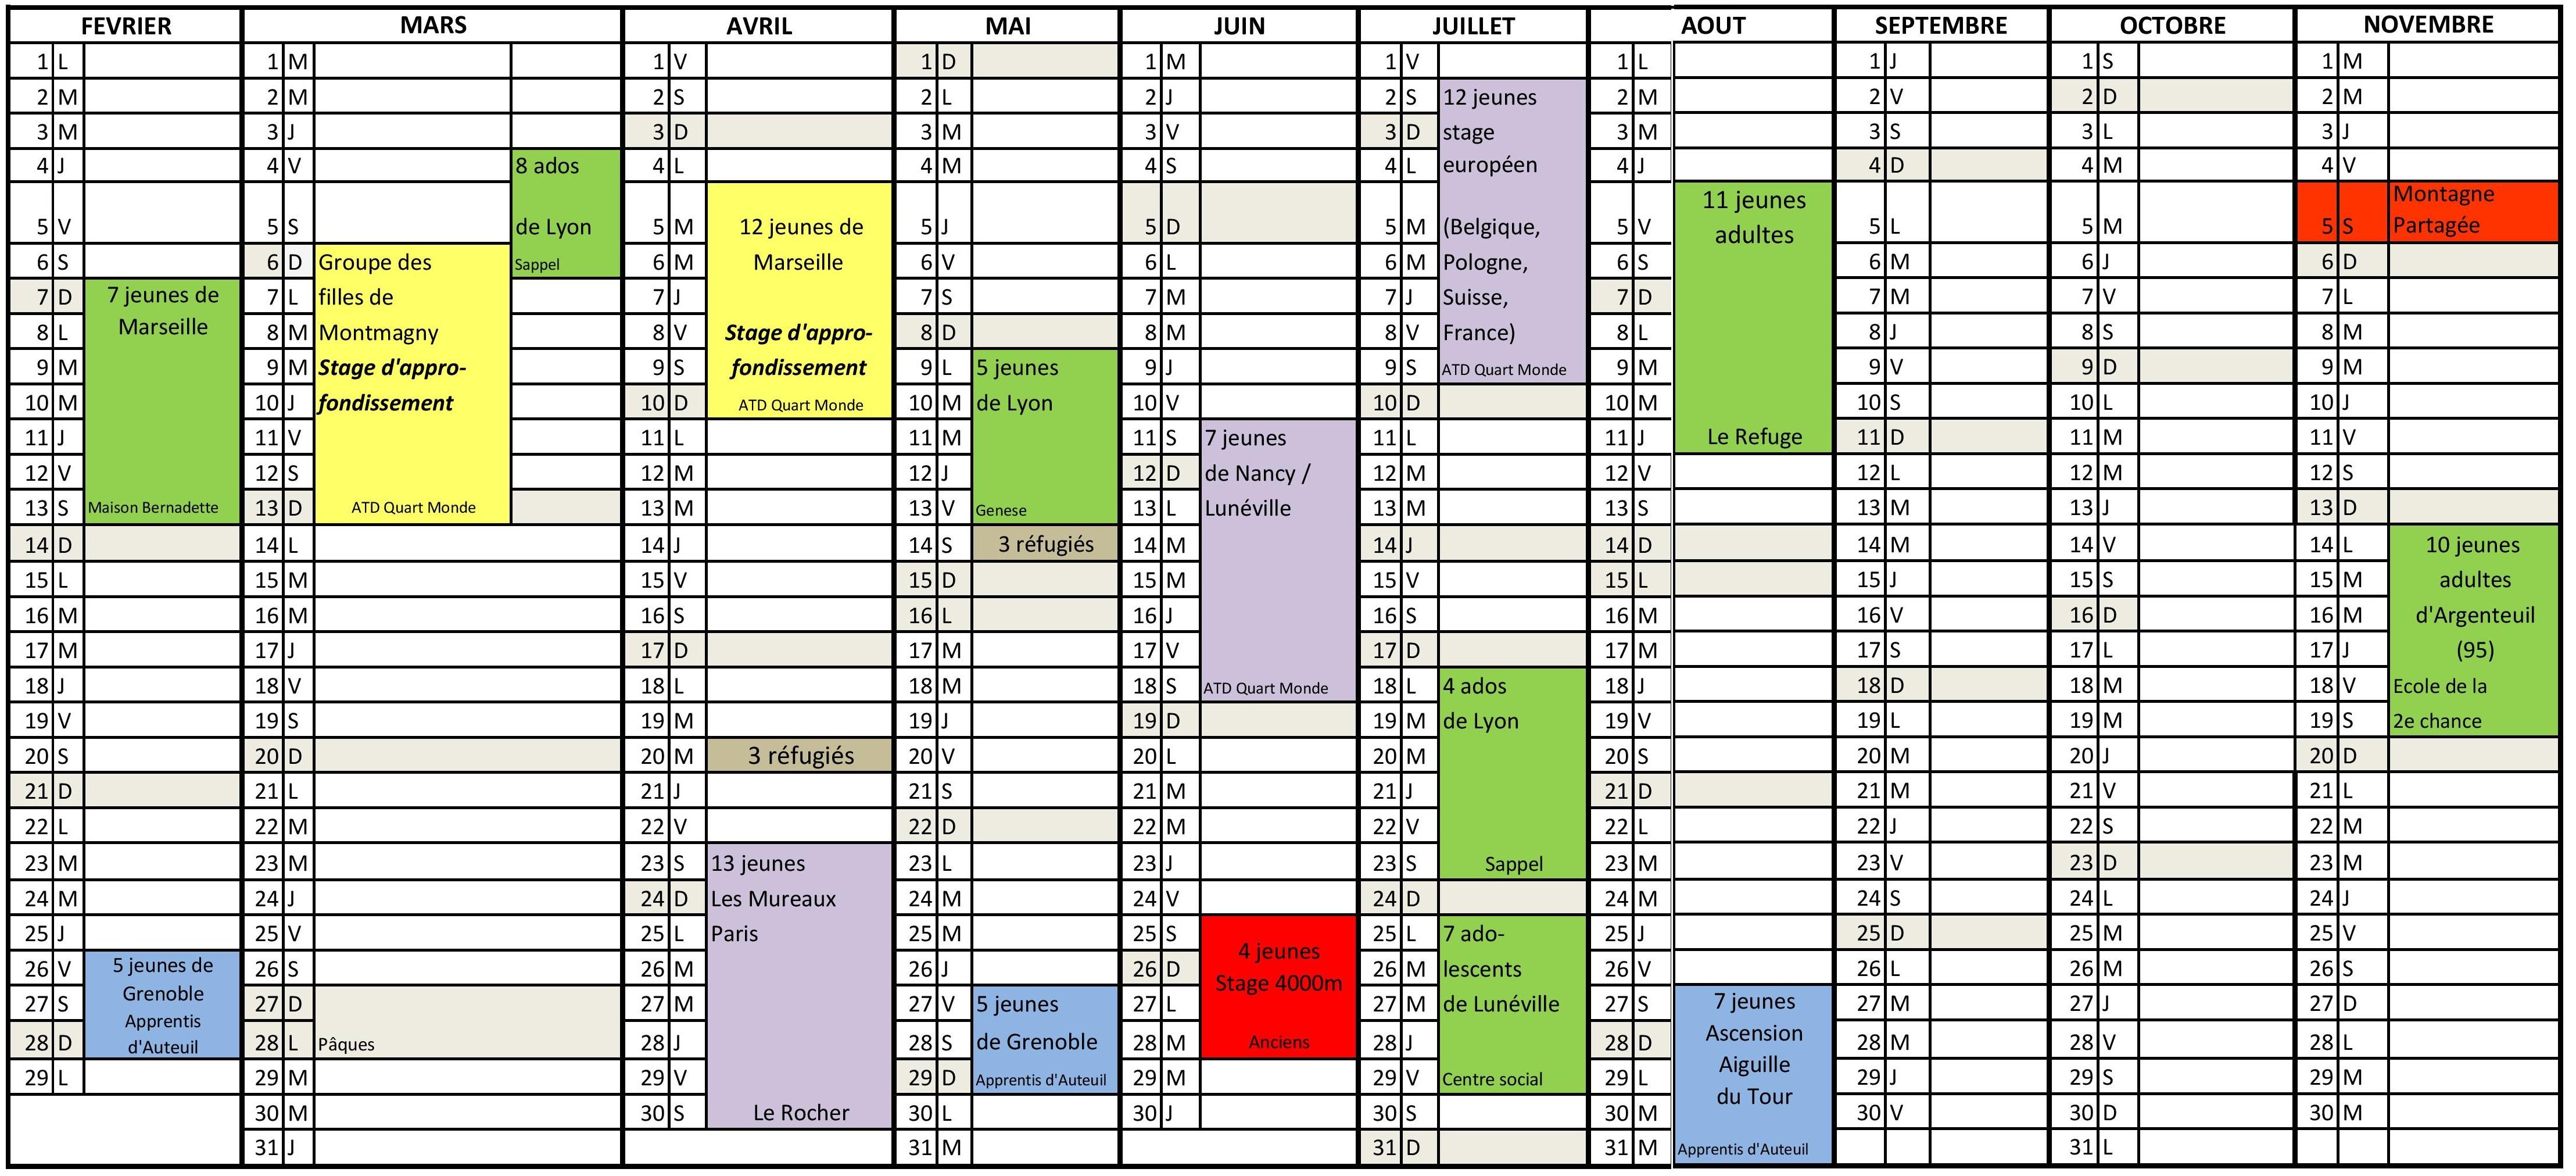 calendrier-2016-maj-14-09